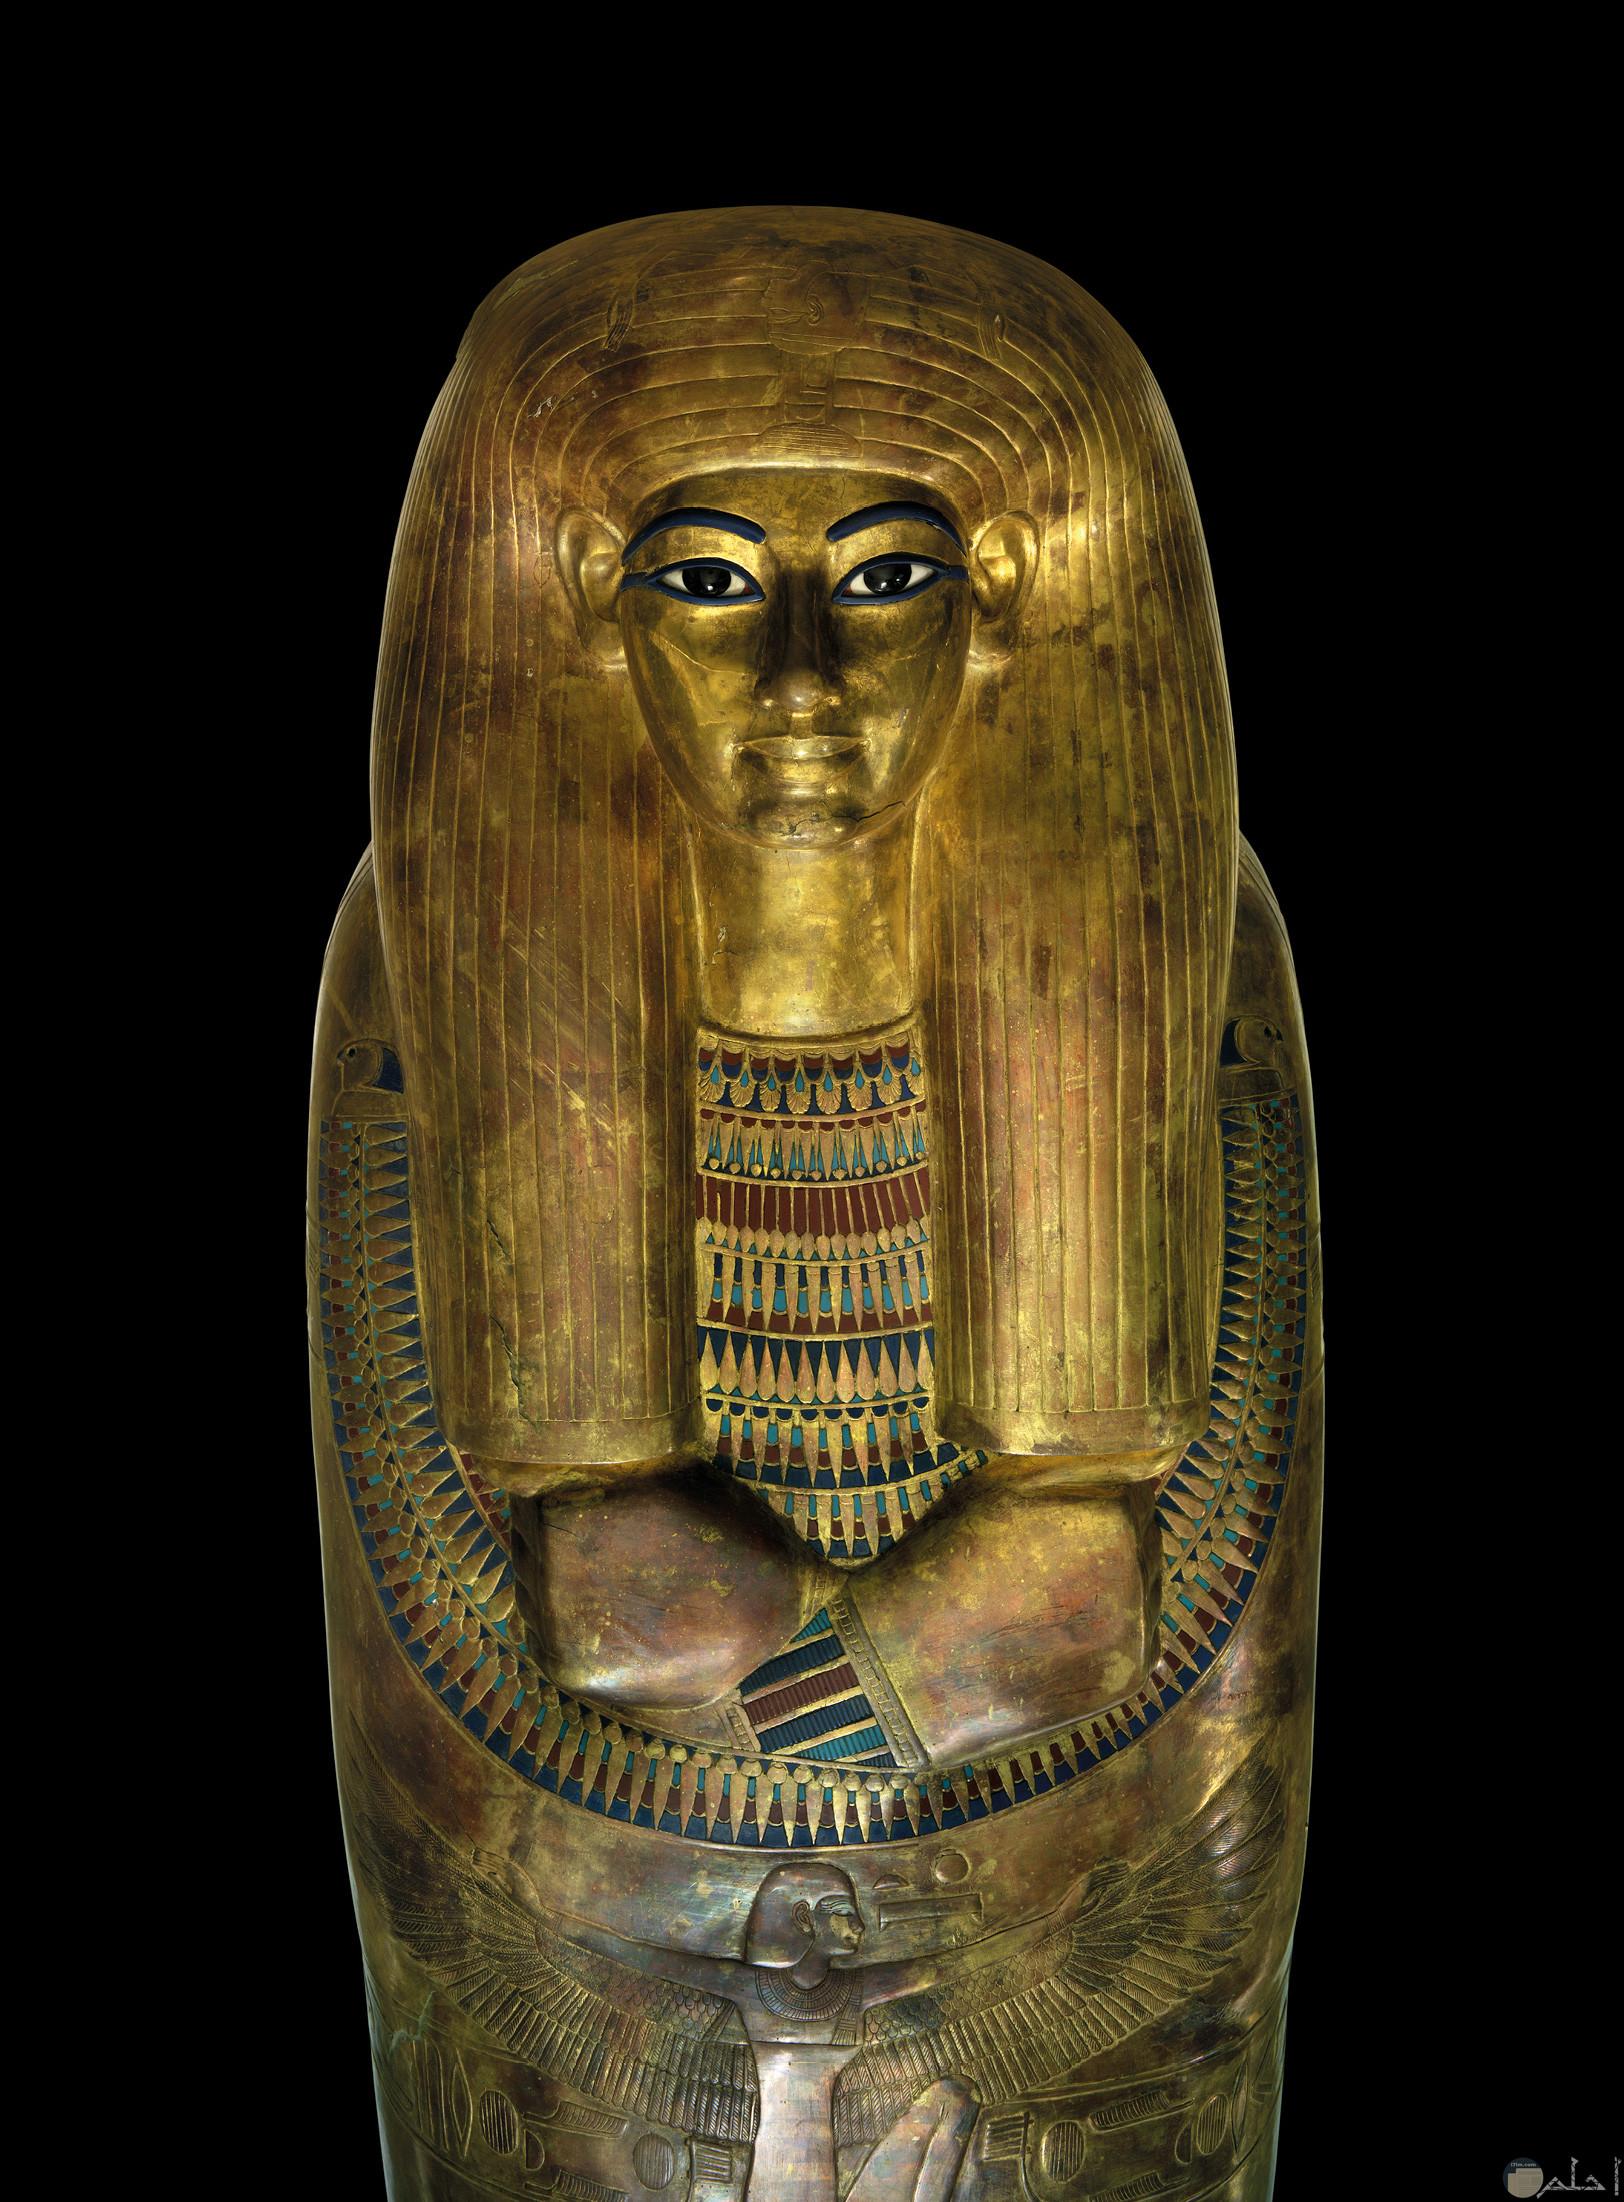 صورة تمثال فرعونى لملكة.